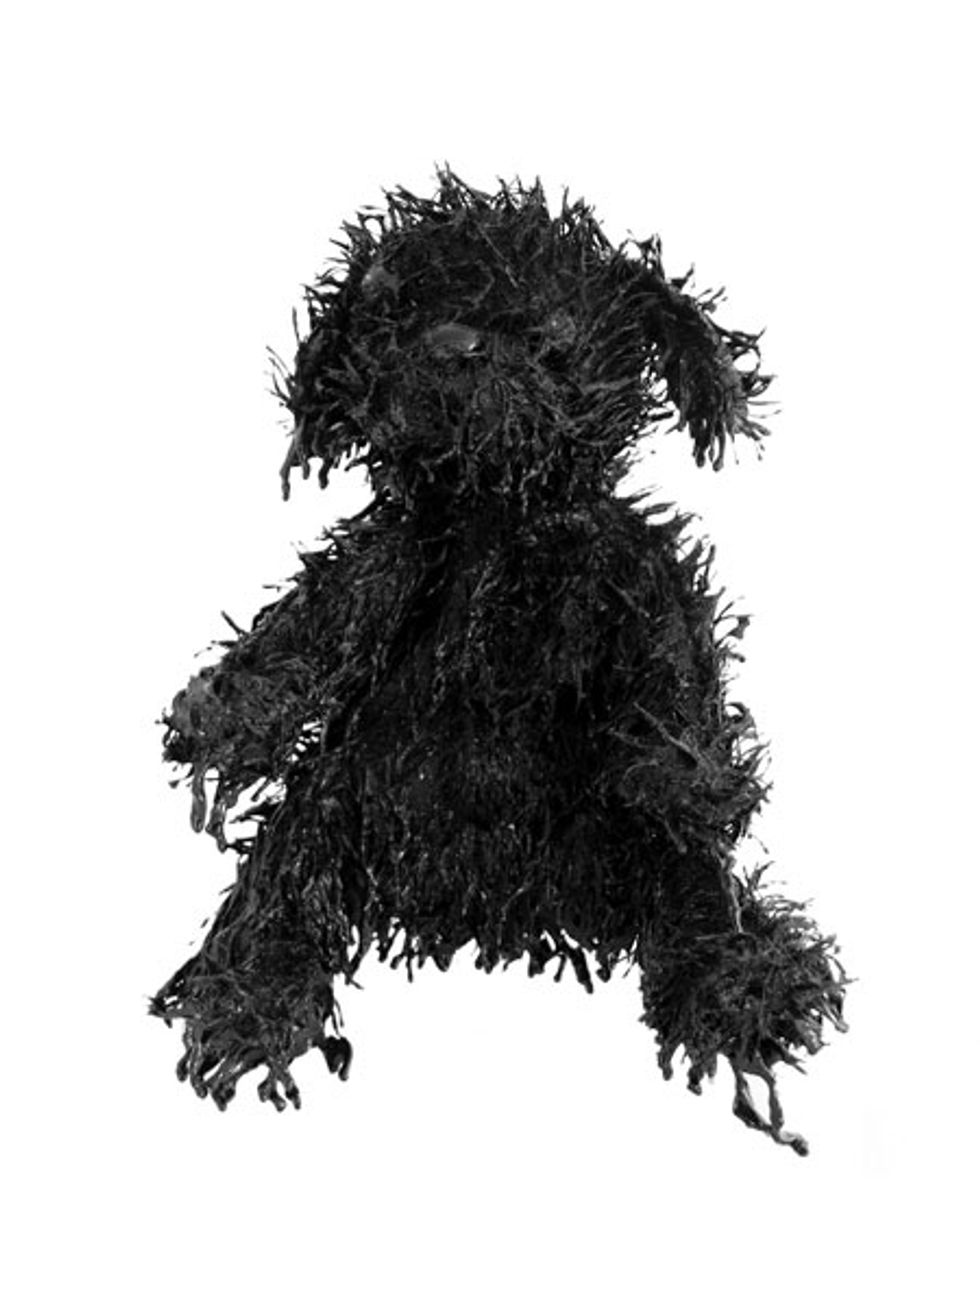 Peter Davis' Status Update: Matt Campbell's Black Bears